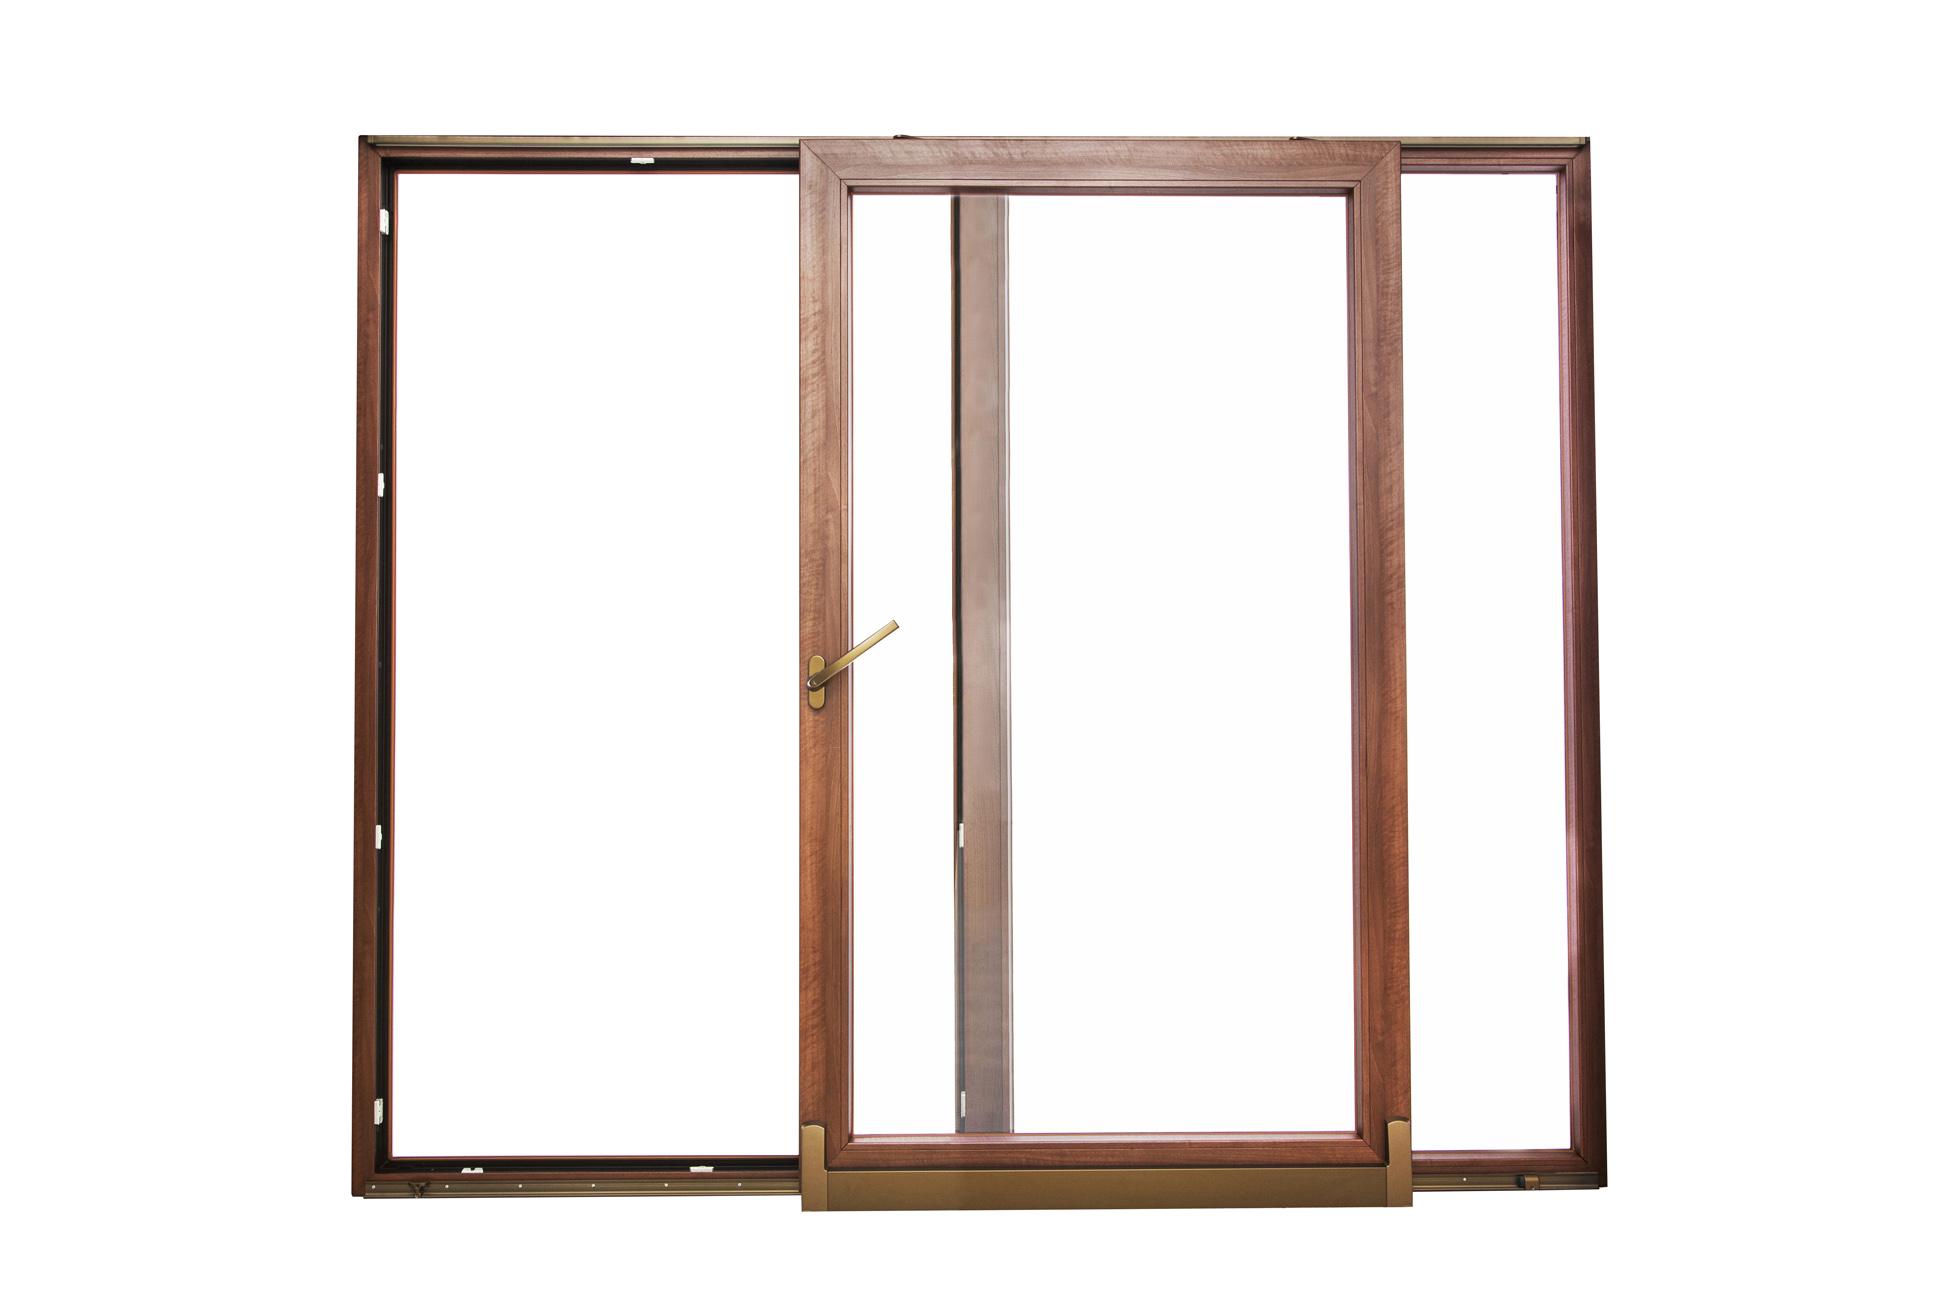 Ferramenta per finestre in pvc e porte finestre traslanti scorrevoli psk - Ferramenta per finestre scorrevoli ...